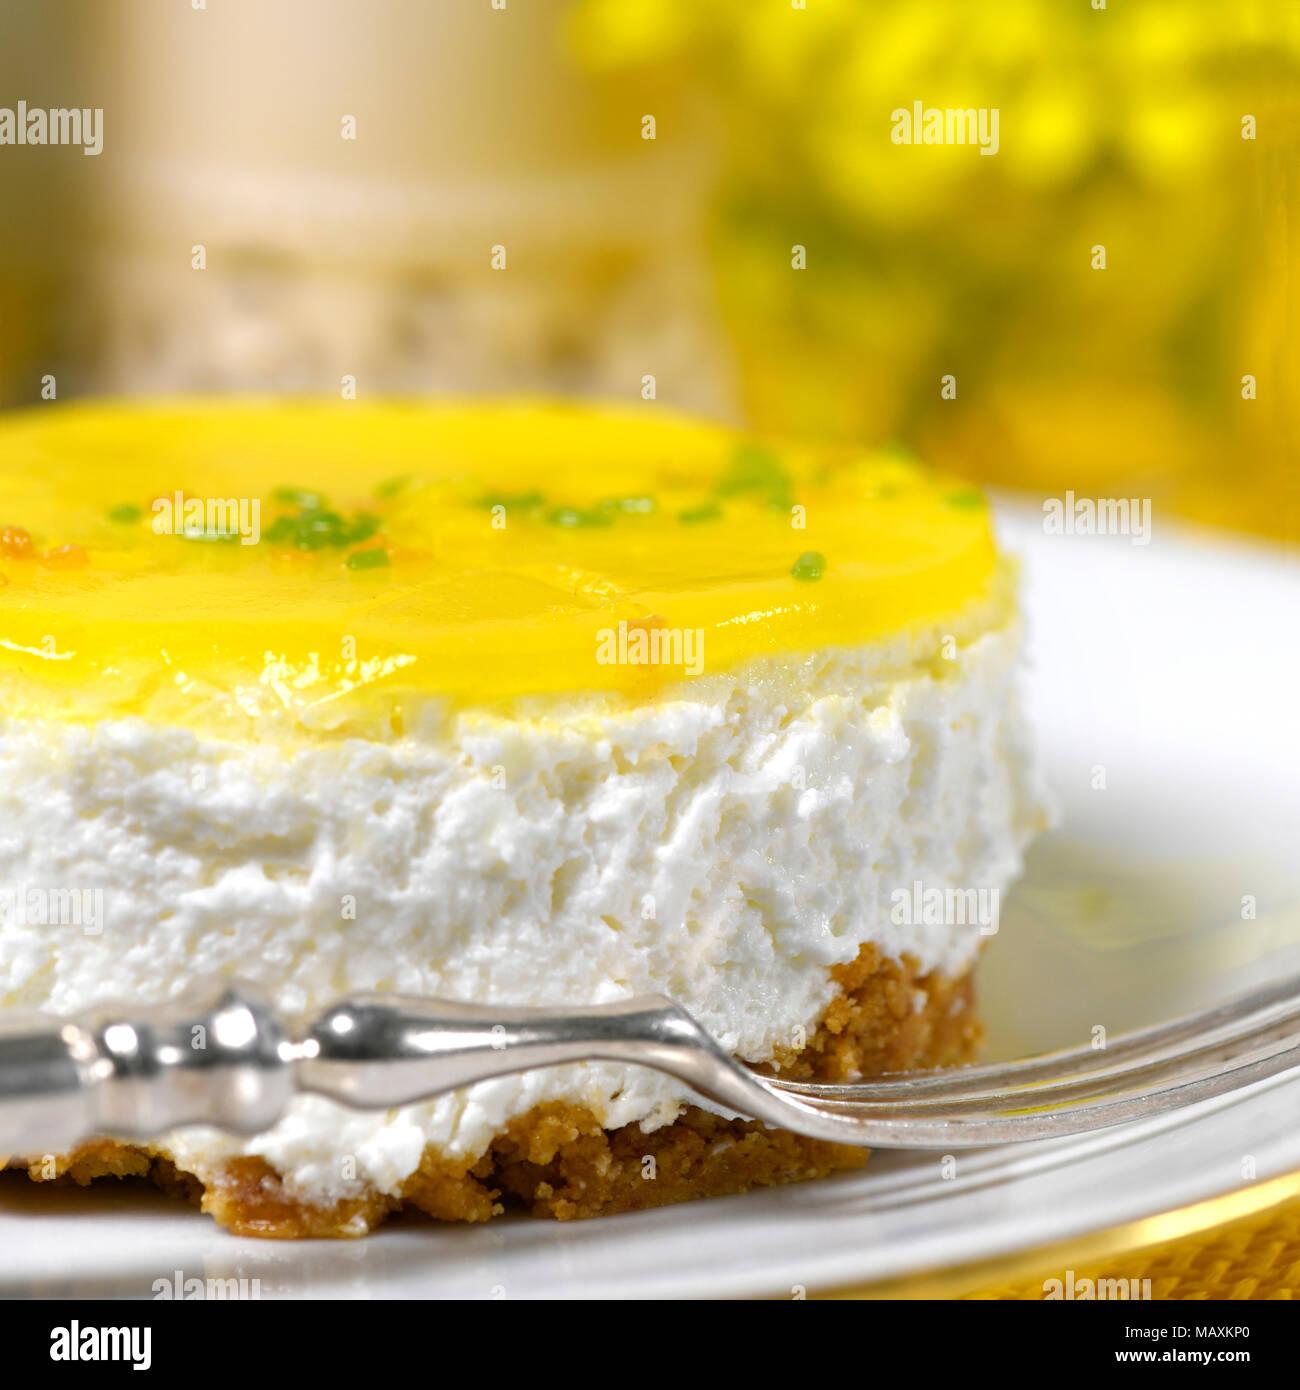 Restaurante El ajuste de un mousse de limón cheesecake una horquilla de plata sobre una placa blanca de fondo suave con flores amarillas y una copia del anuncio espacio Imagen De Stock